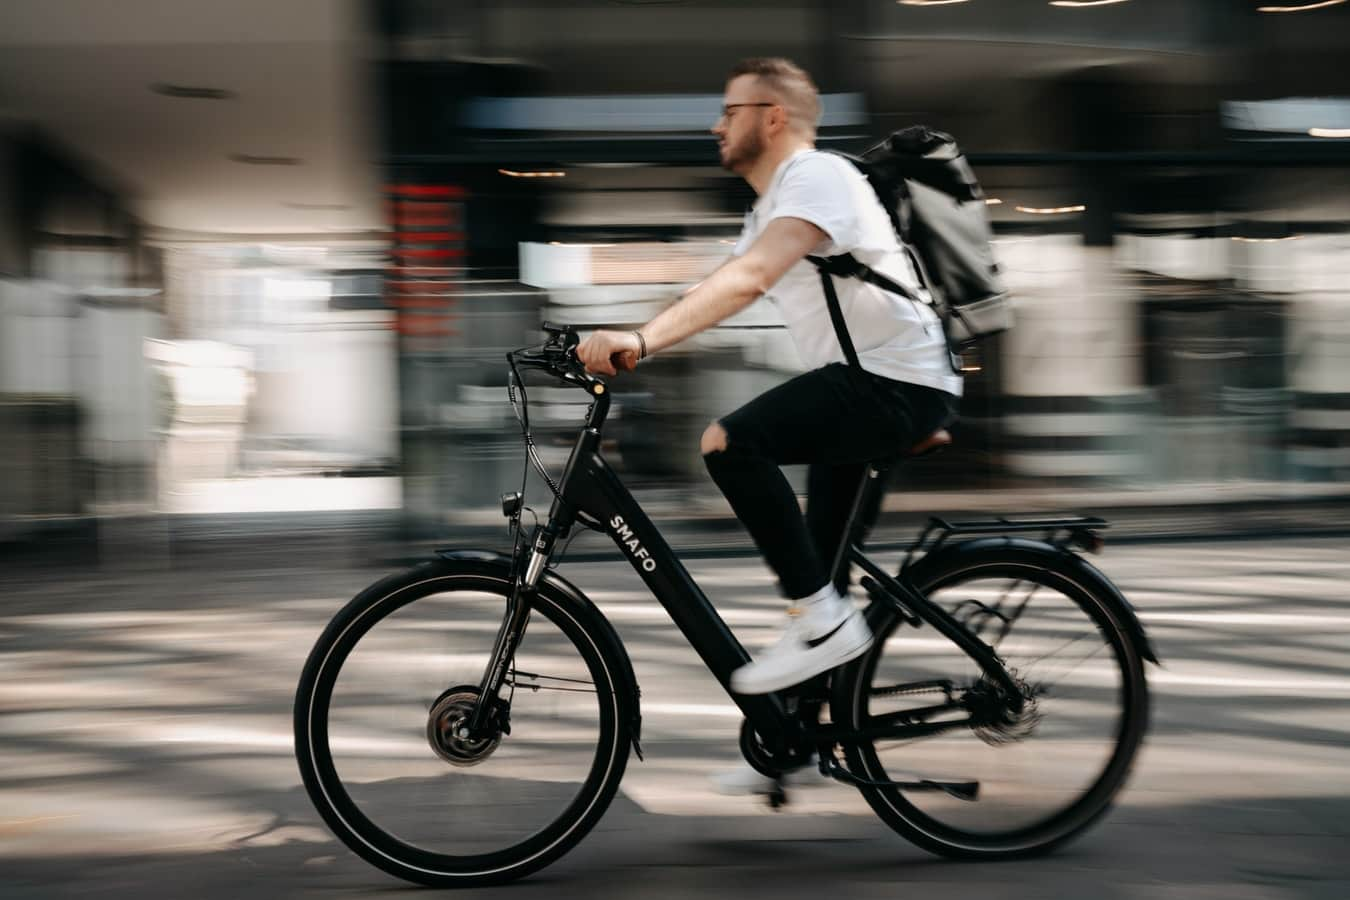 Wenn ein Mann so am E-Bike vorbeiradelt, fragt man sich: Wie funktioniert ein E-Bike!